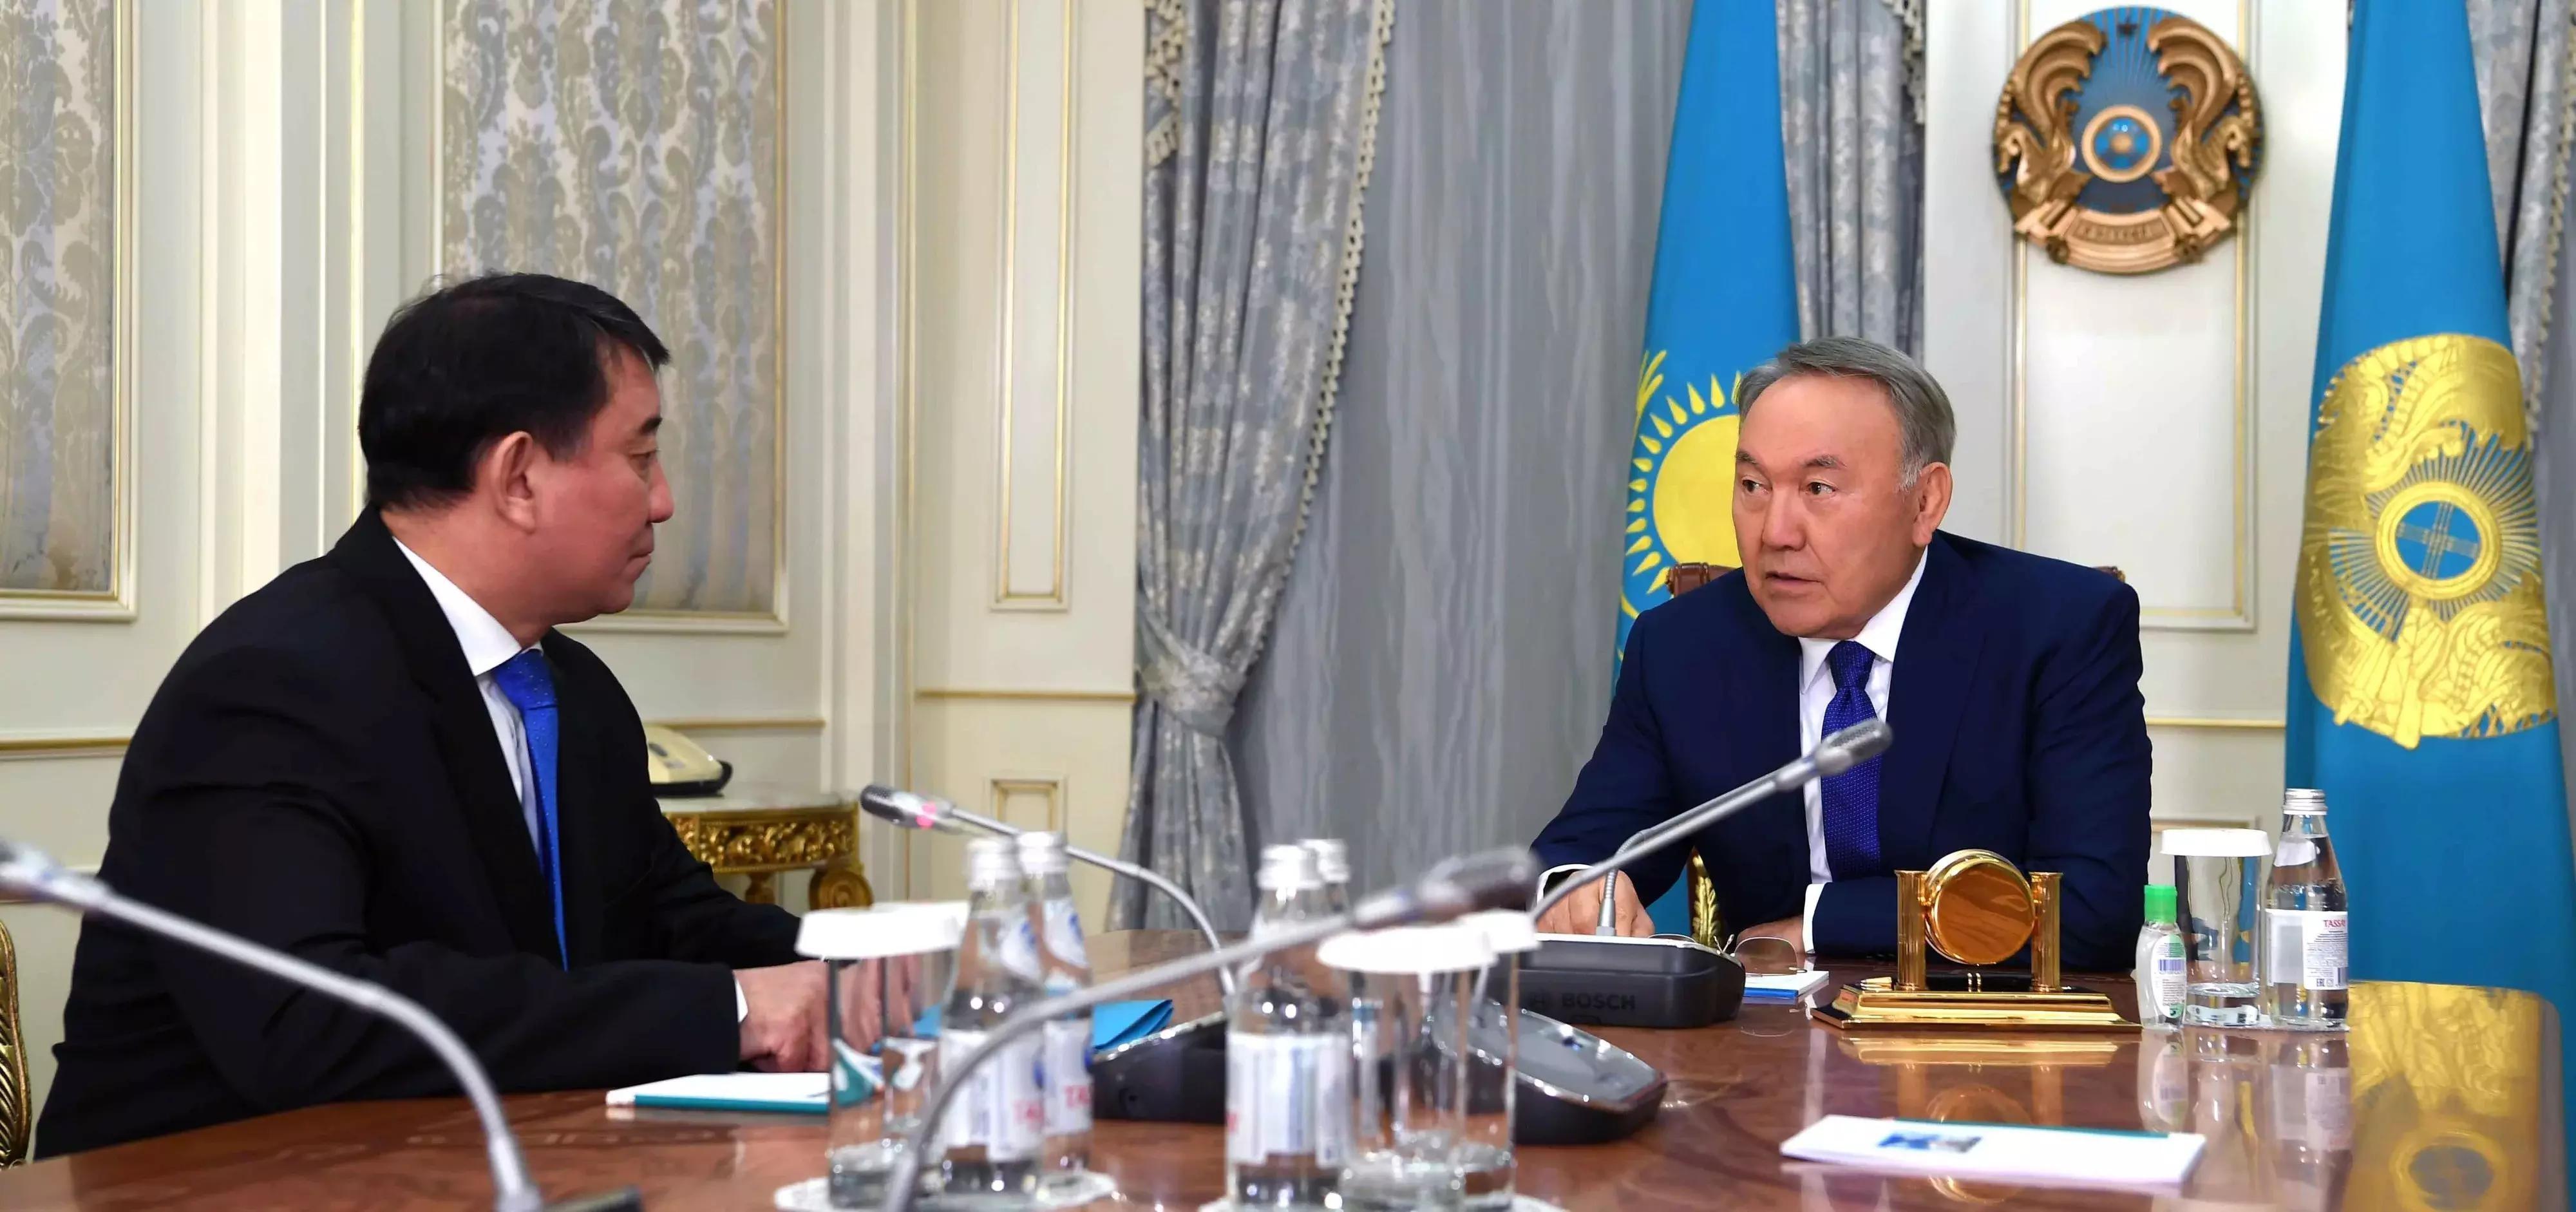 Нурсултан Назарбаев назначил экс-директора Службы внешней разведки секретарём Совбеза Казахстана,  назначение , Внешняя разведка, Секретарь Совбеза